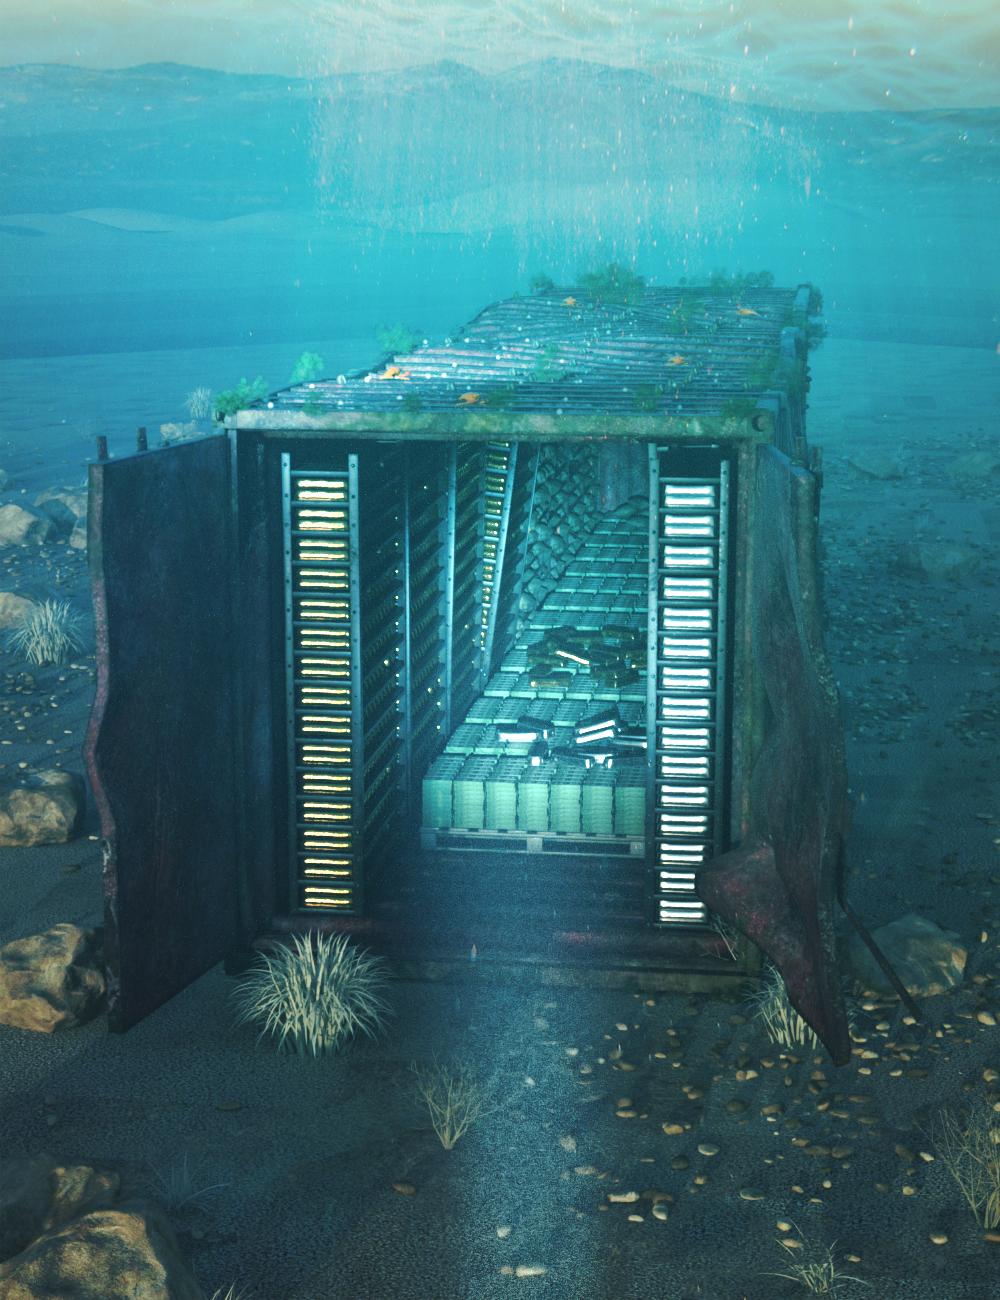 Underwater Treasure by: Charlie, 3D Models by Daz 3D